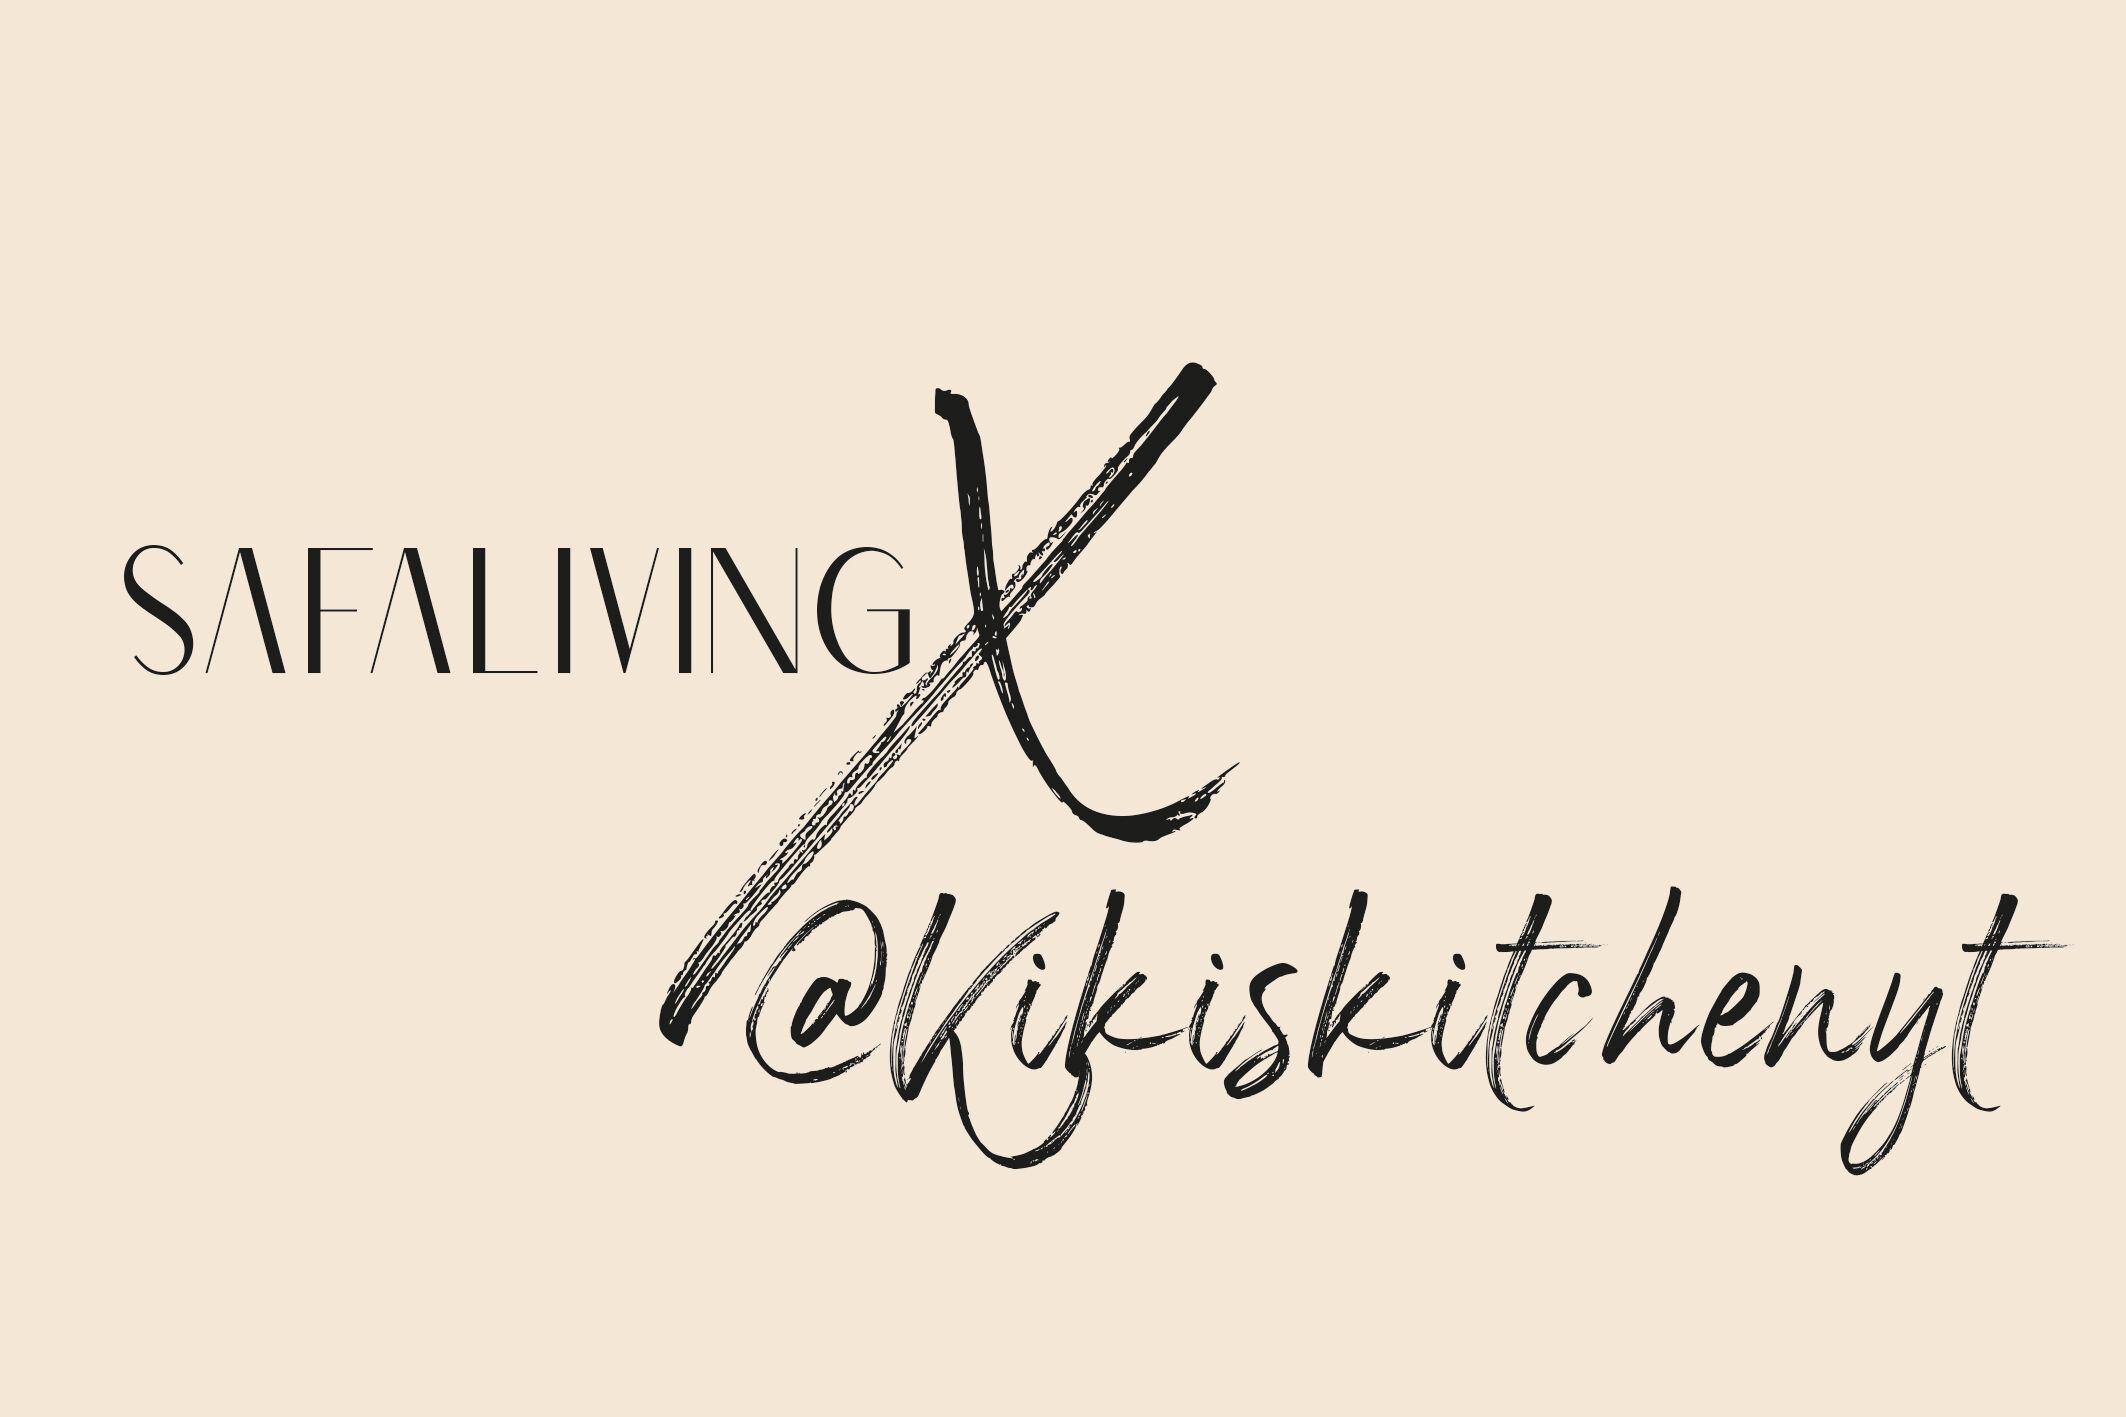 safaliving x kikiskitchen